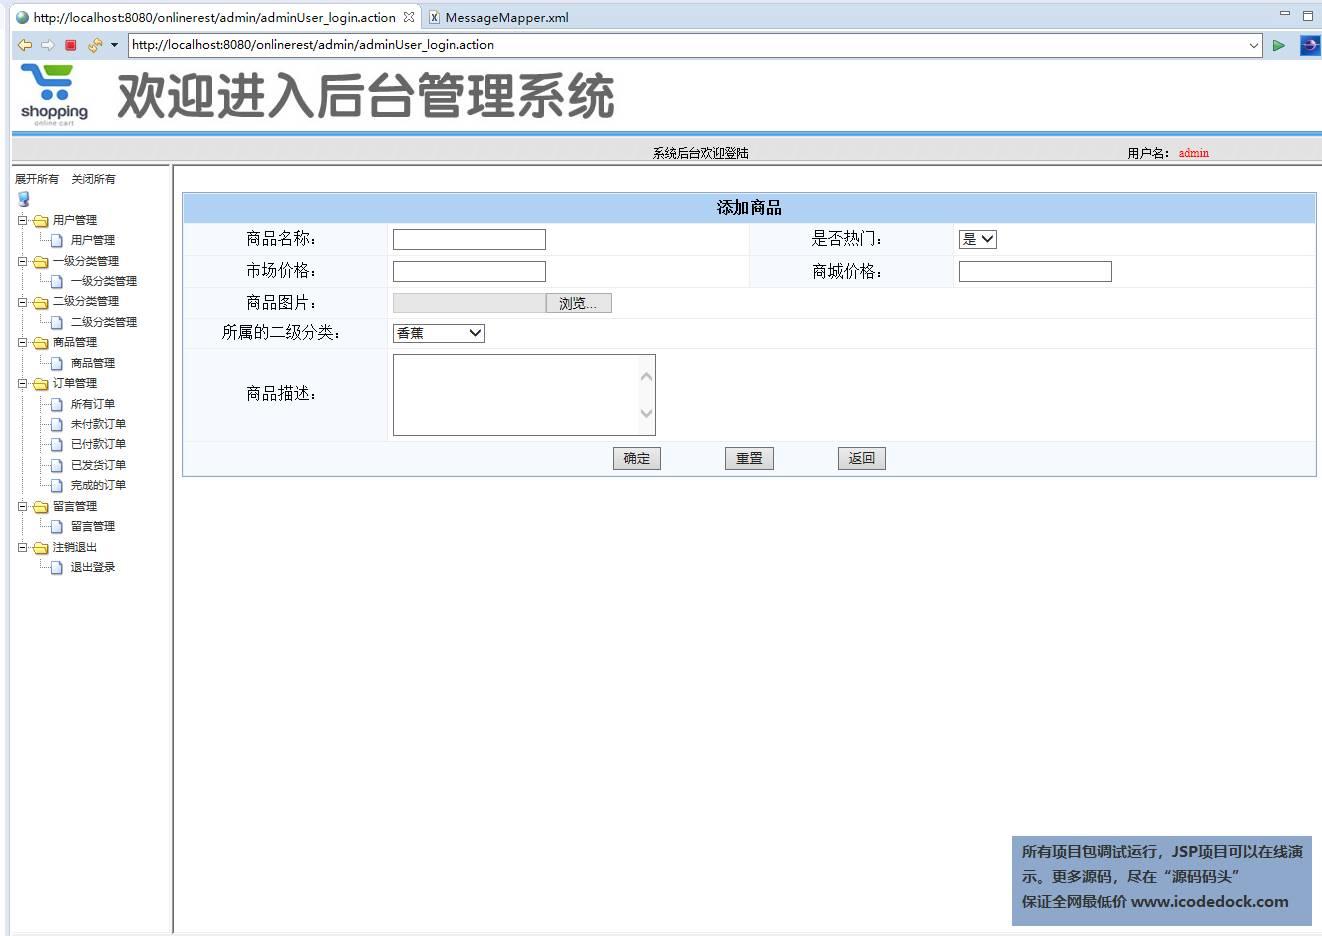 源码码头-SSM网上外卖订餐管理系统-管理员-增加商品